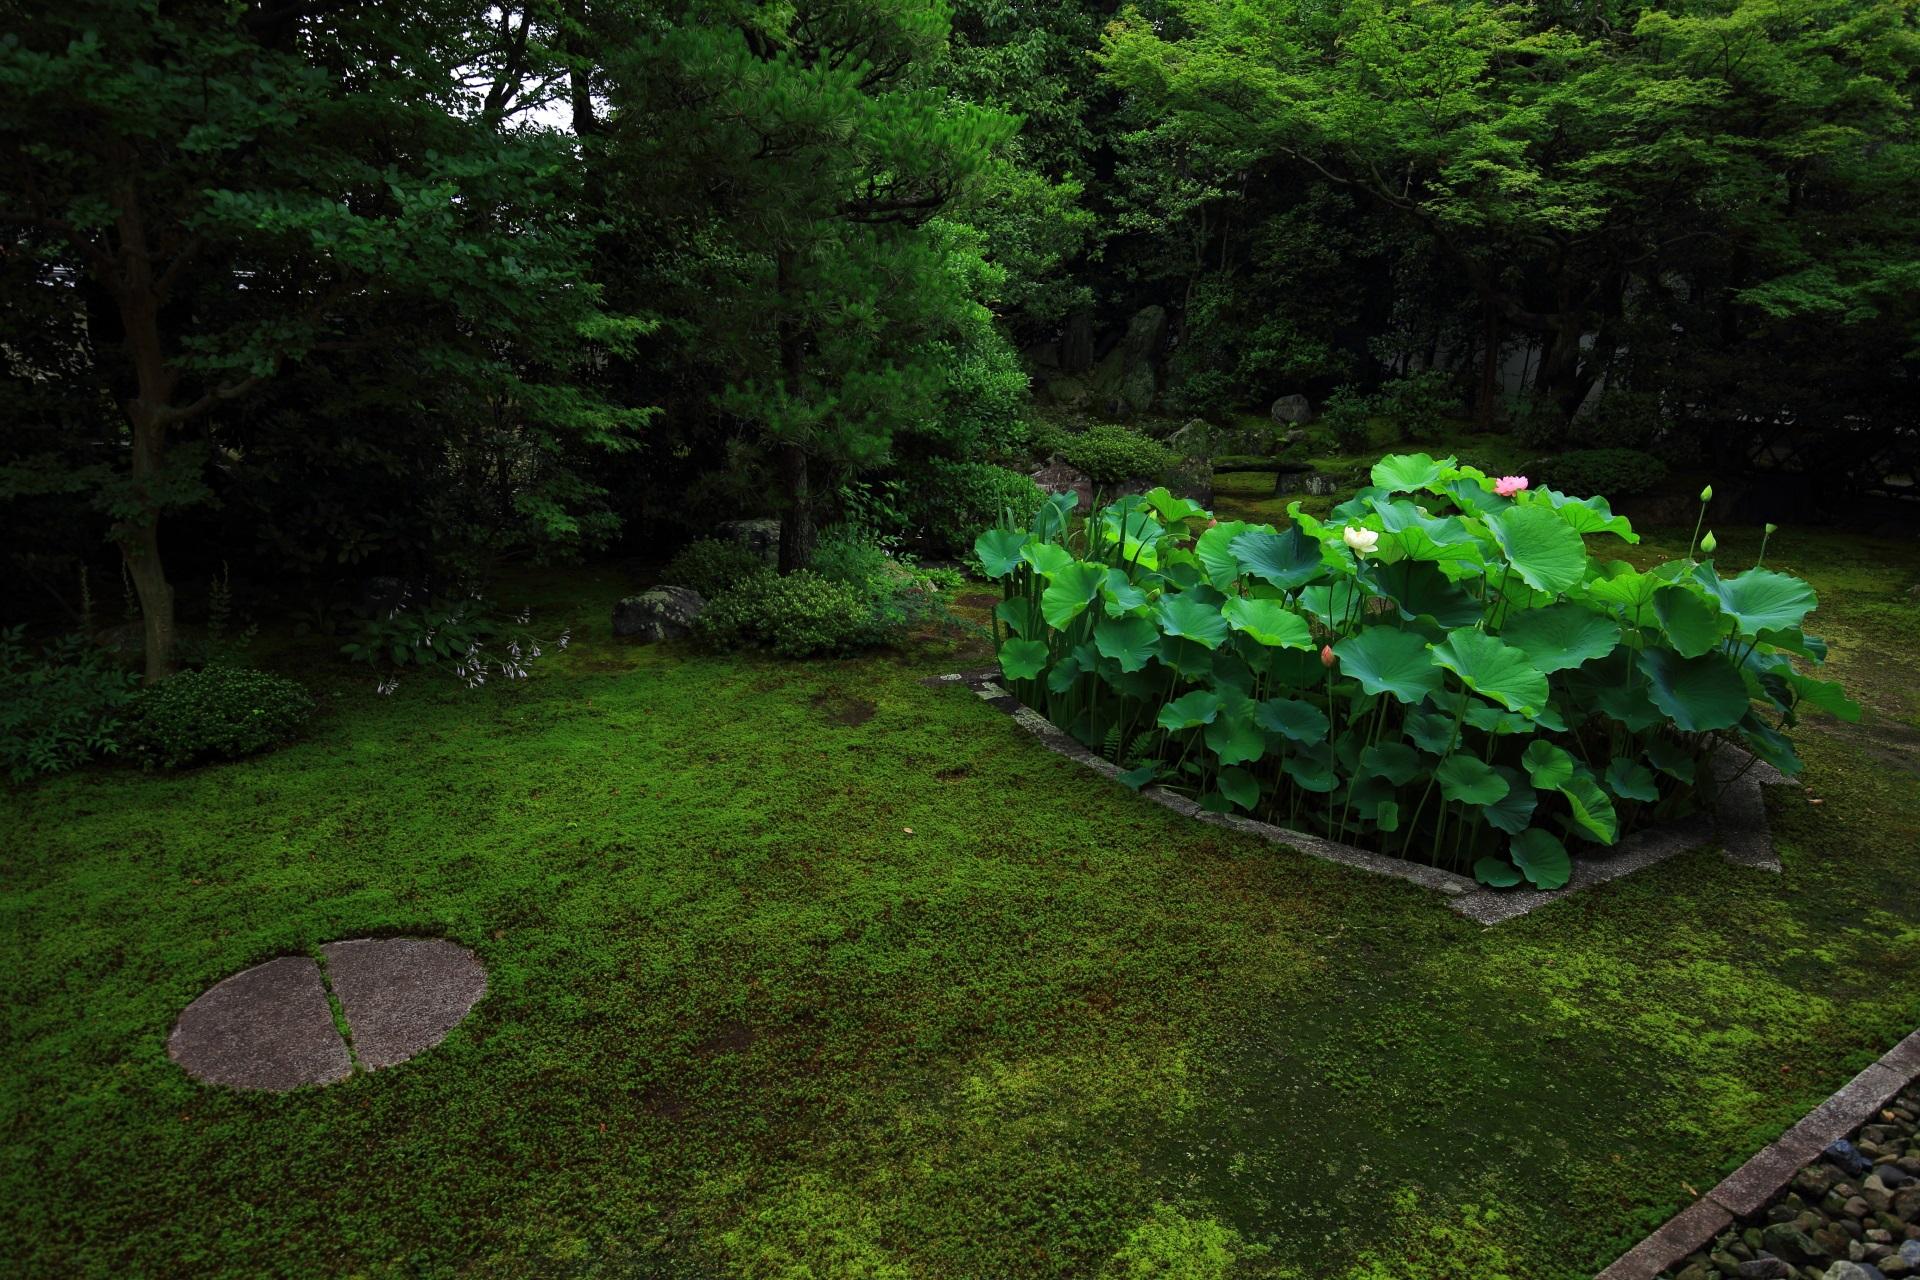 心が落ち着く本法寺の緑につつまれた隠れた名庭